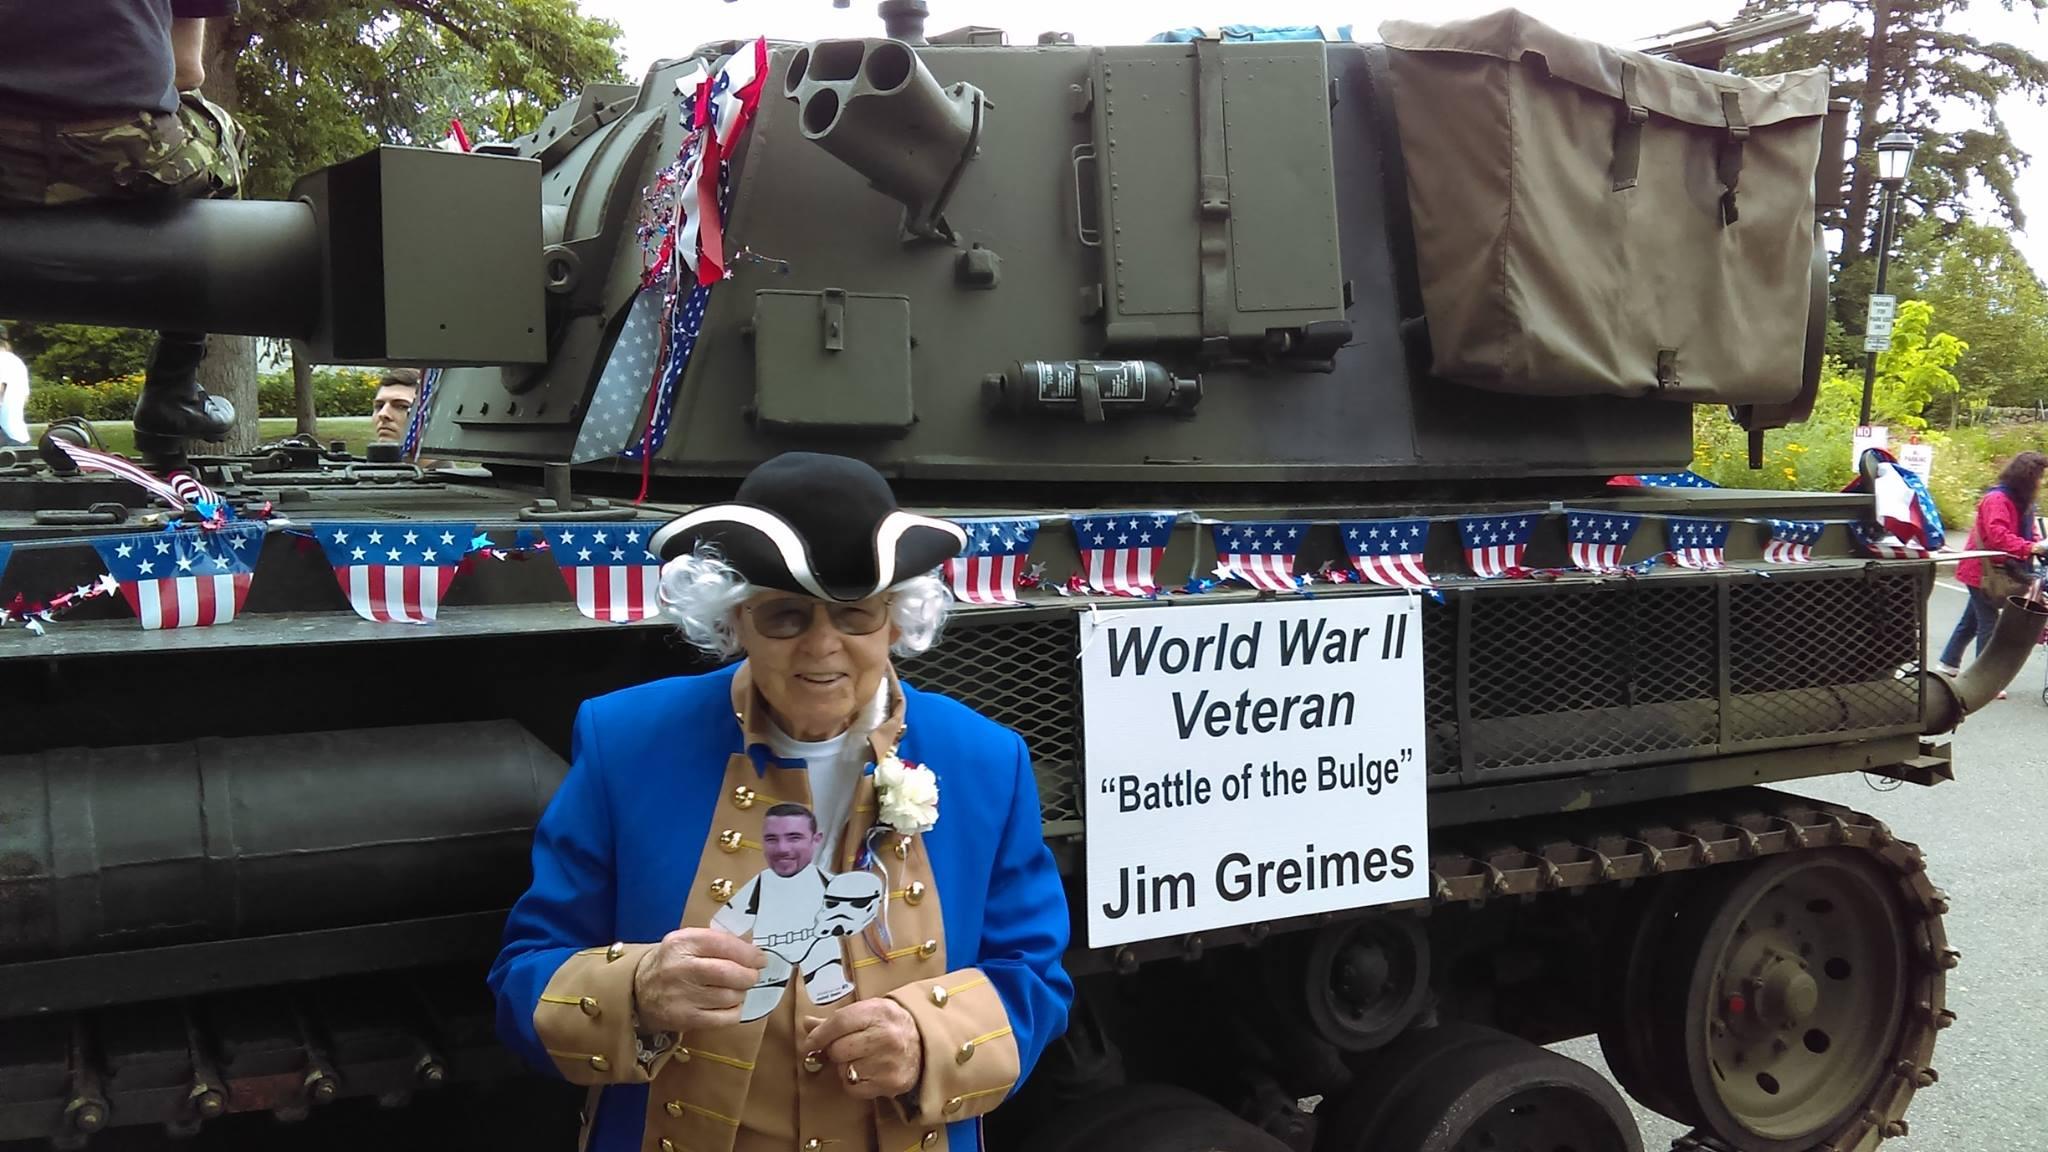 Jim Greimes